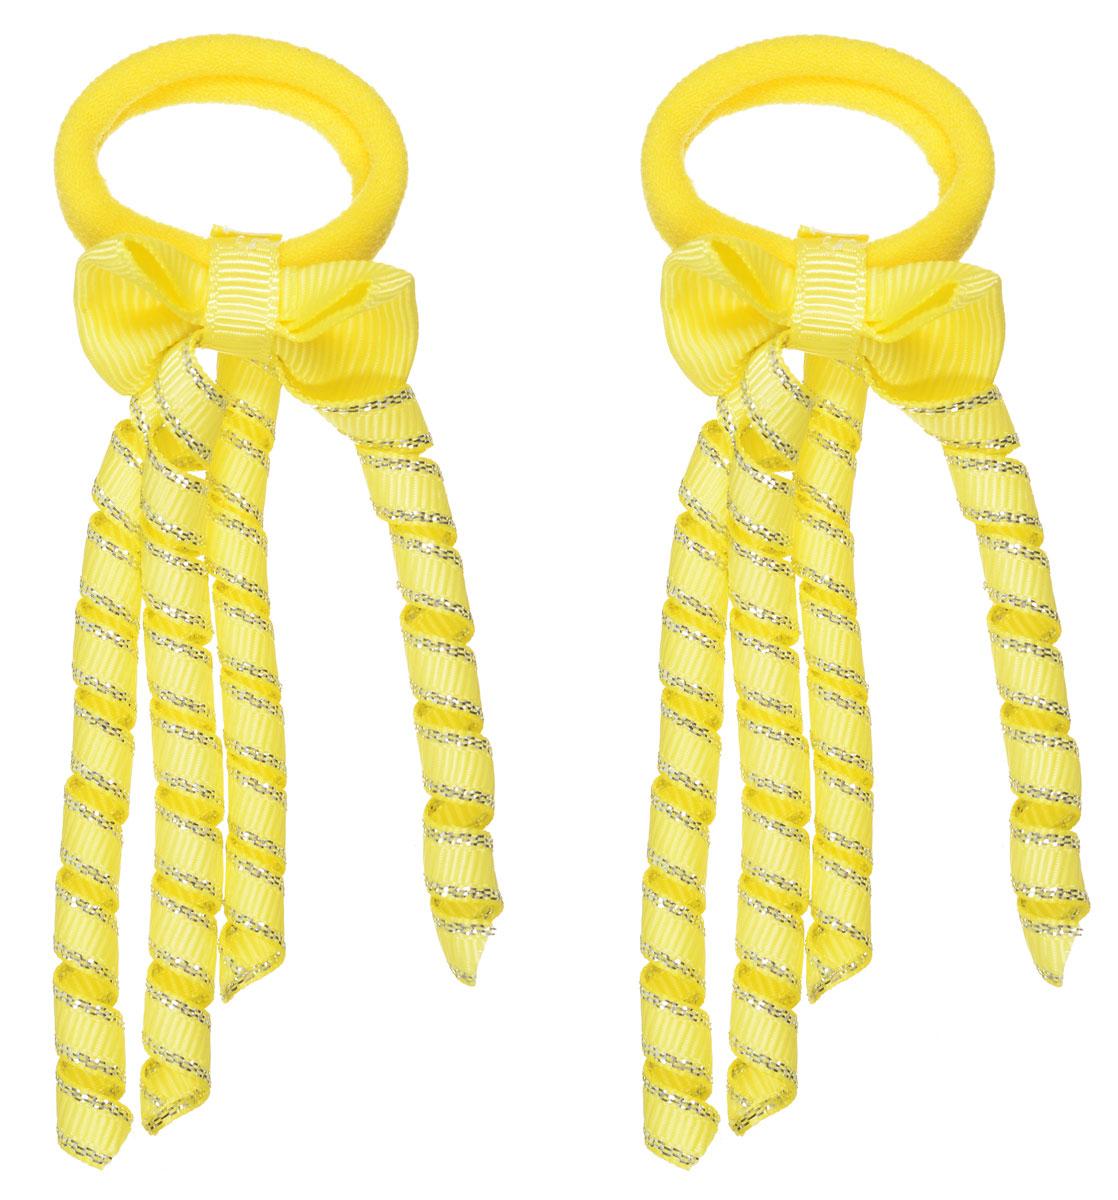 Baby's Joy Резинка для волос цвет желтый 2 шт VT 75/2